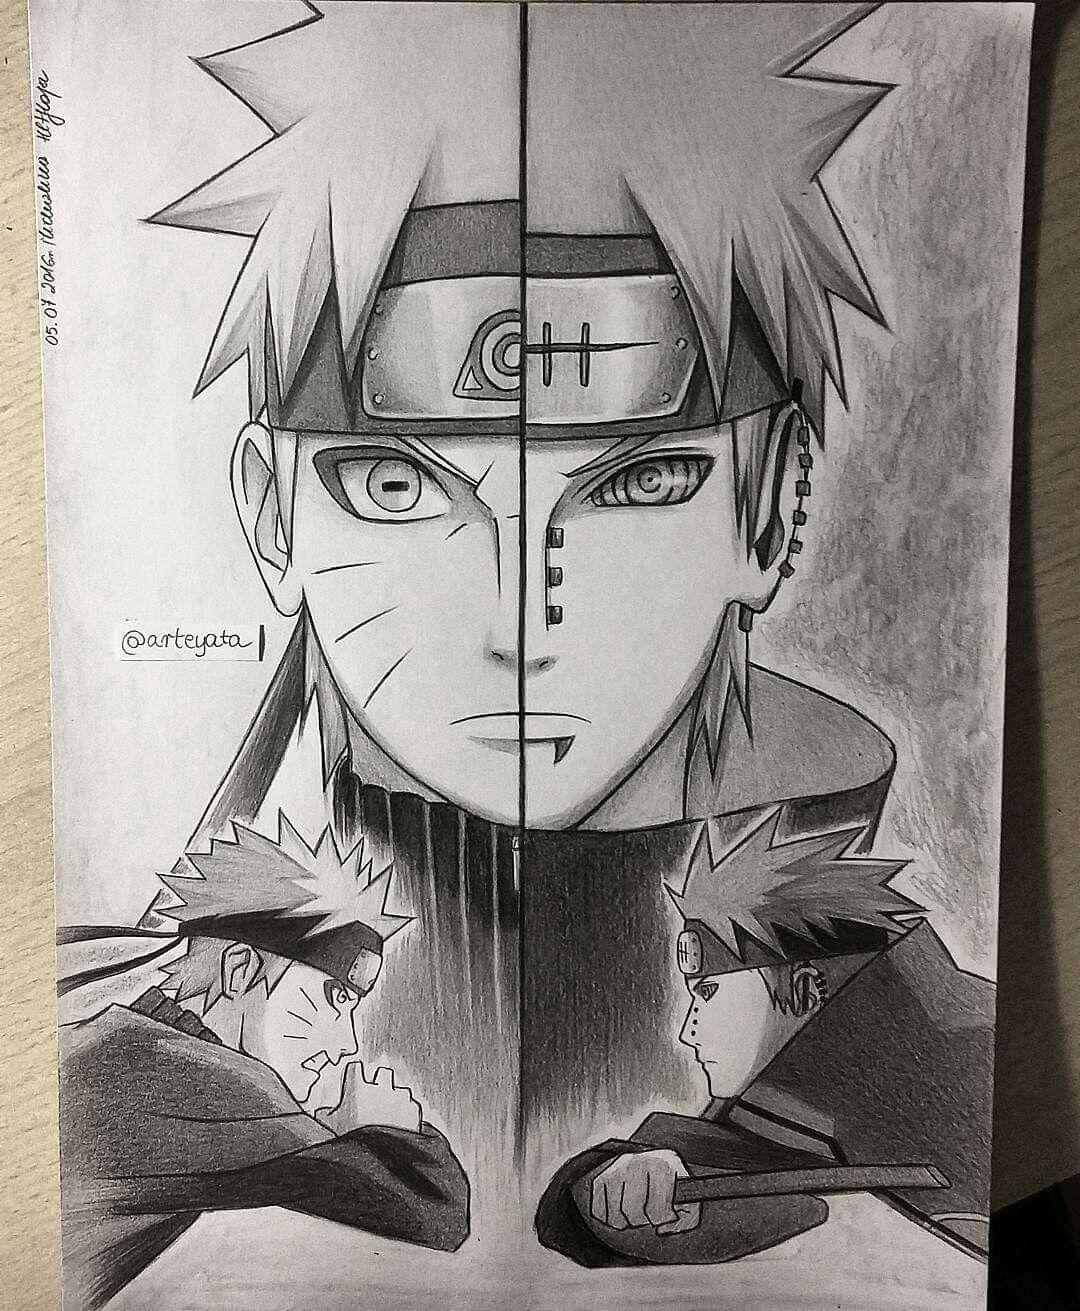 Una De Las Batallas Mas Epicas Naruto Desenho Naruto Uzumaki